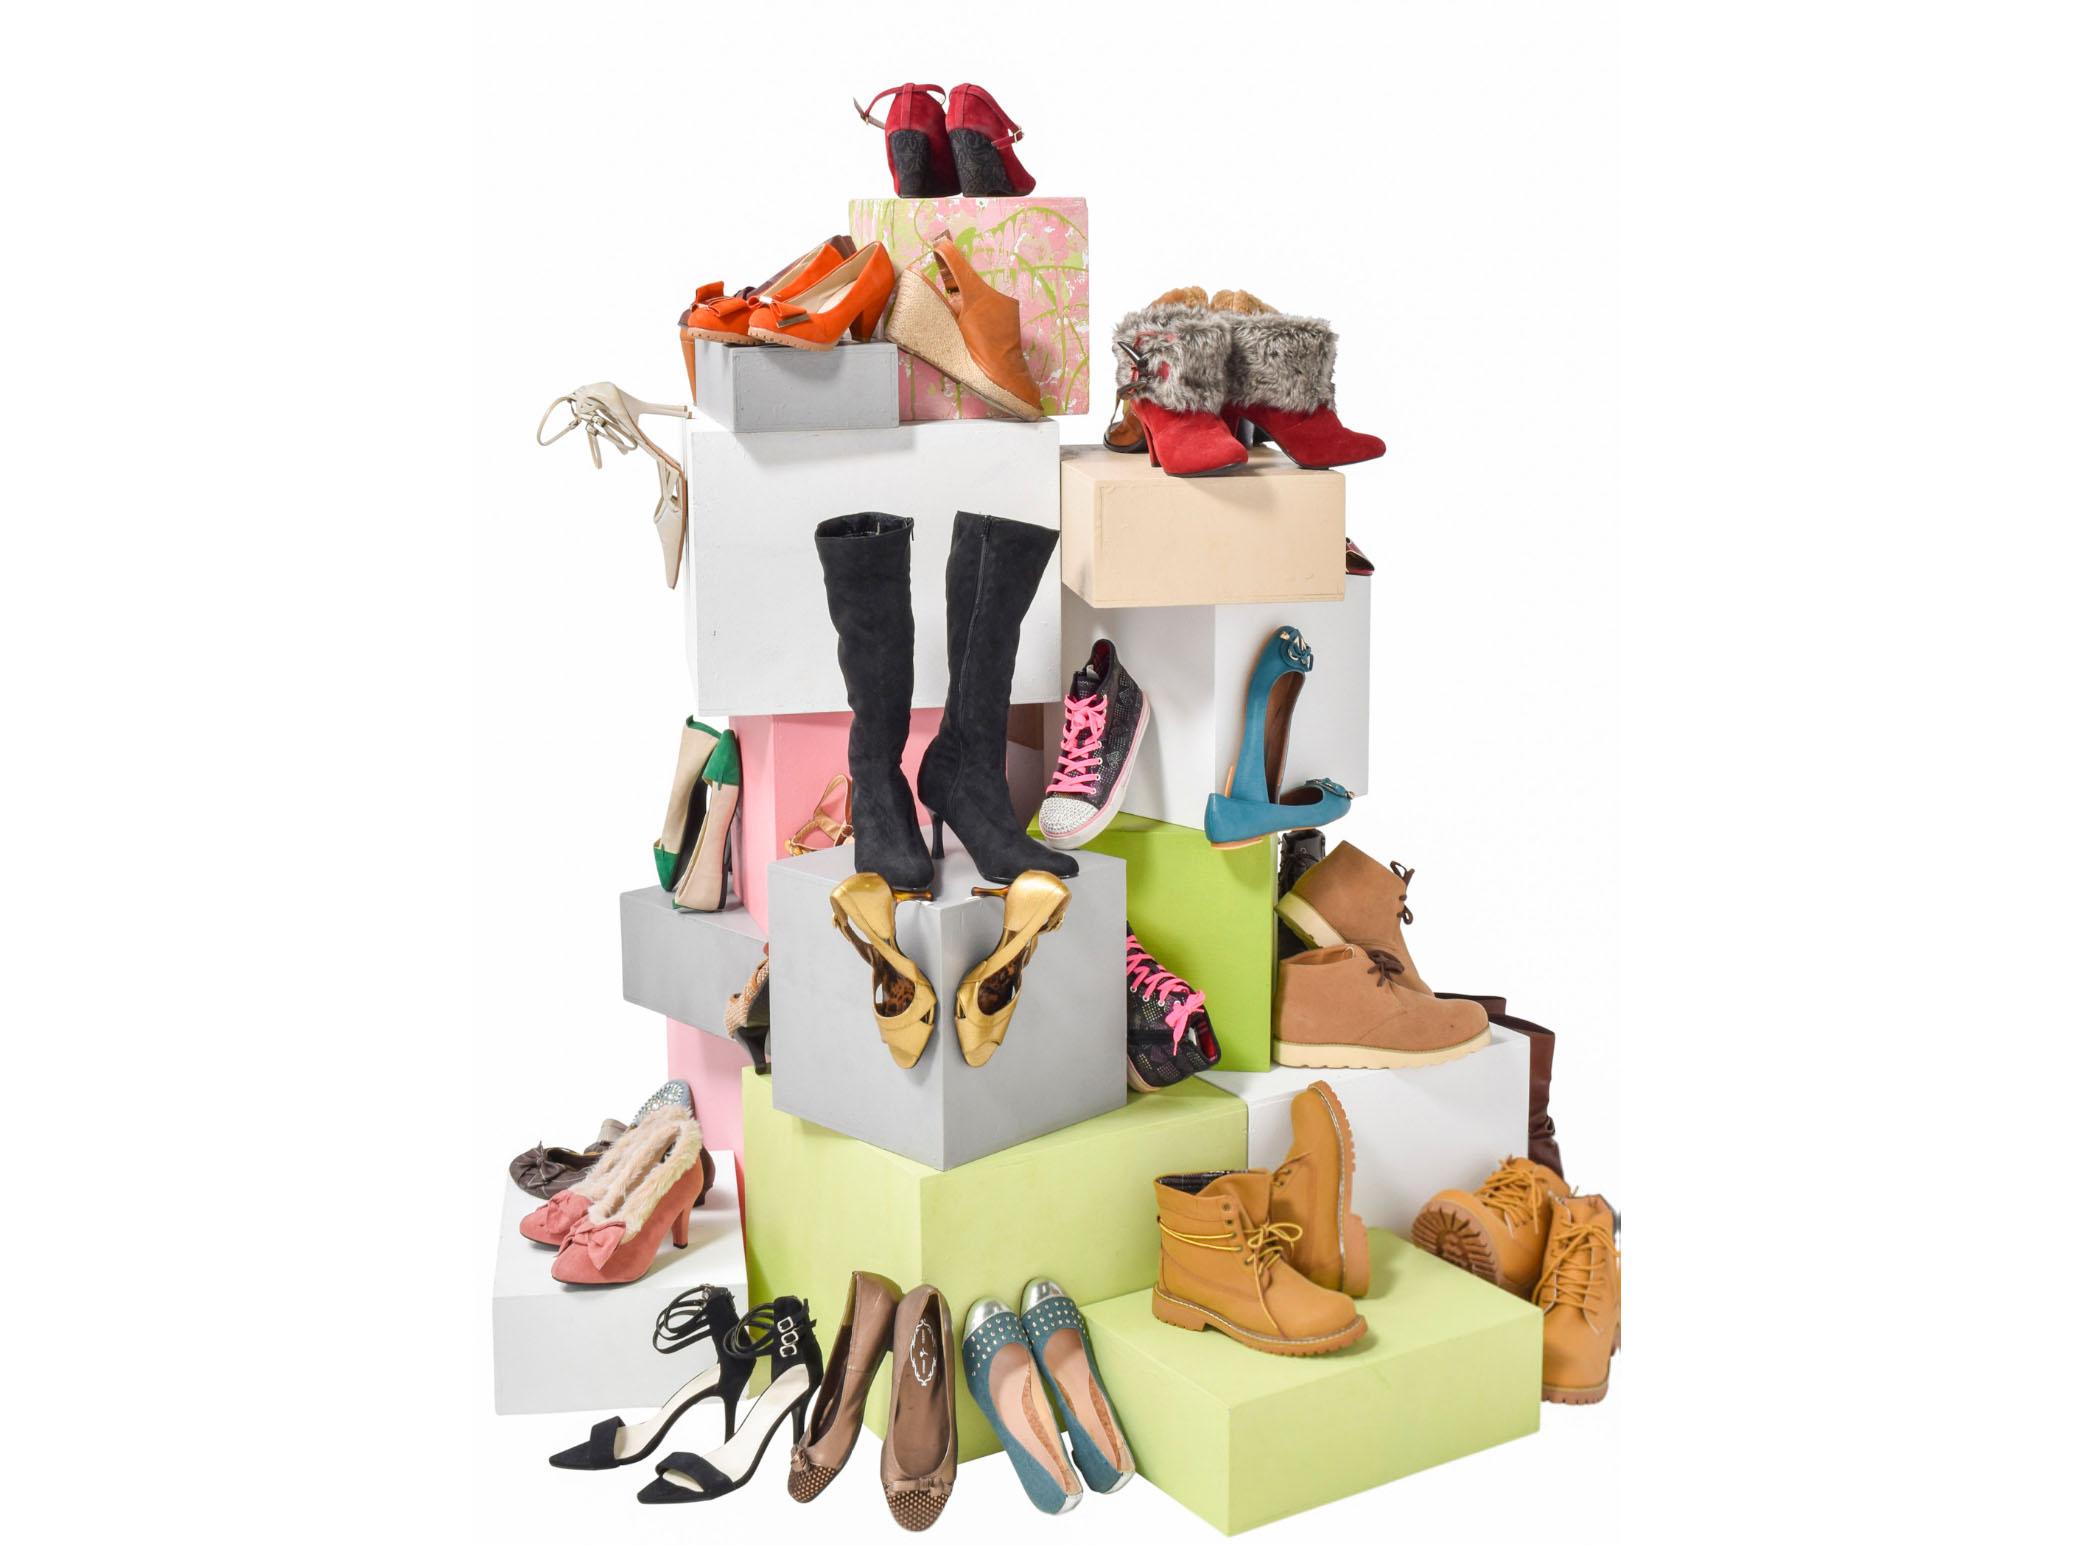 靴集合 オブジェクトVR